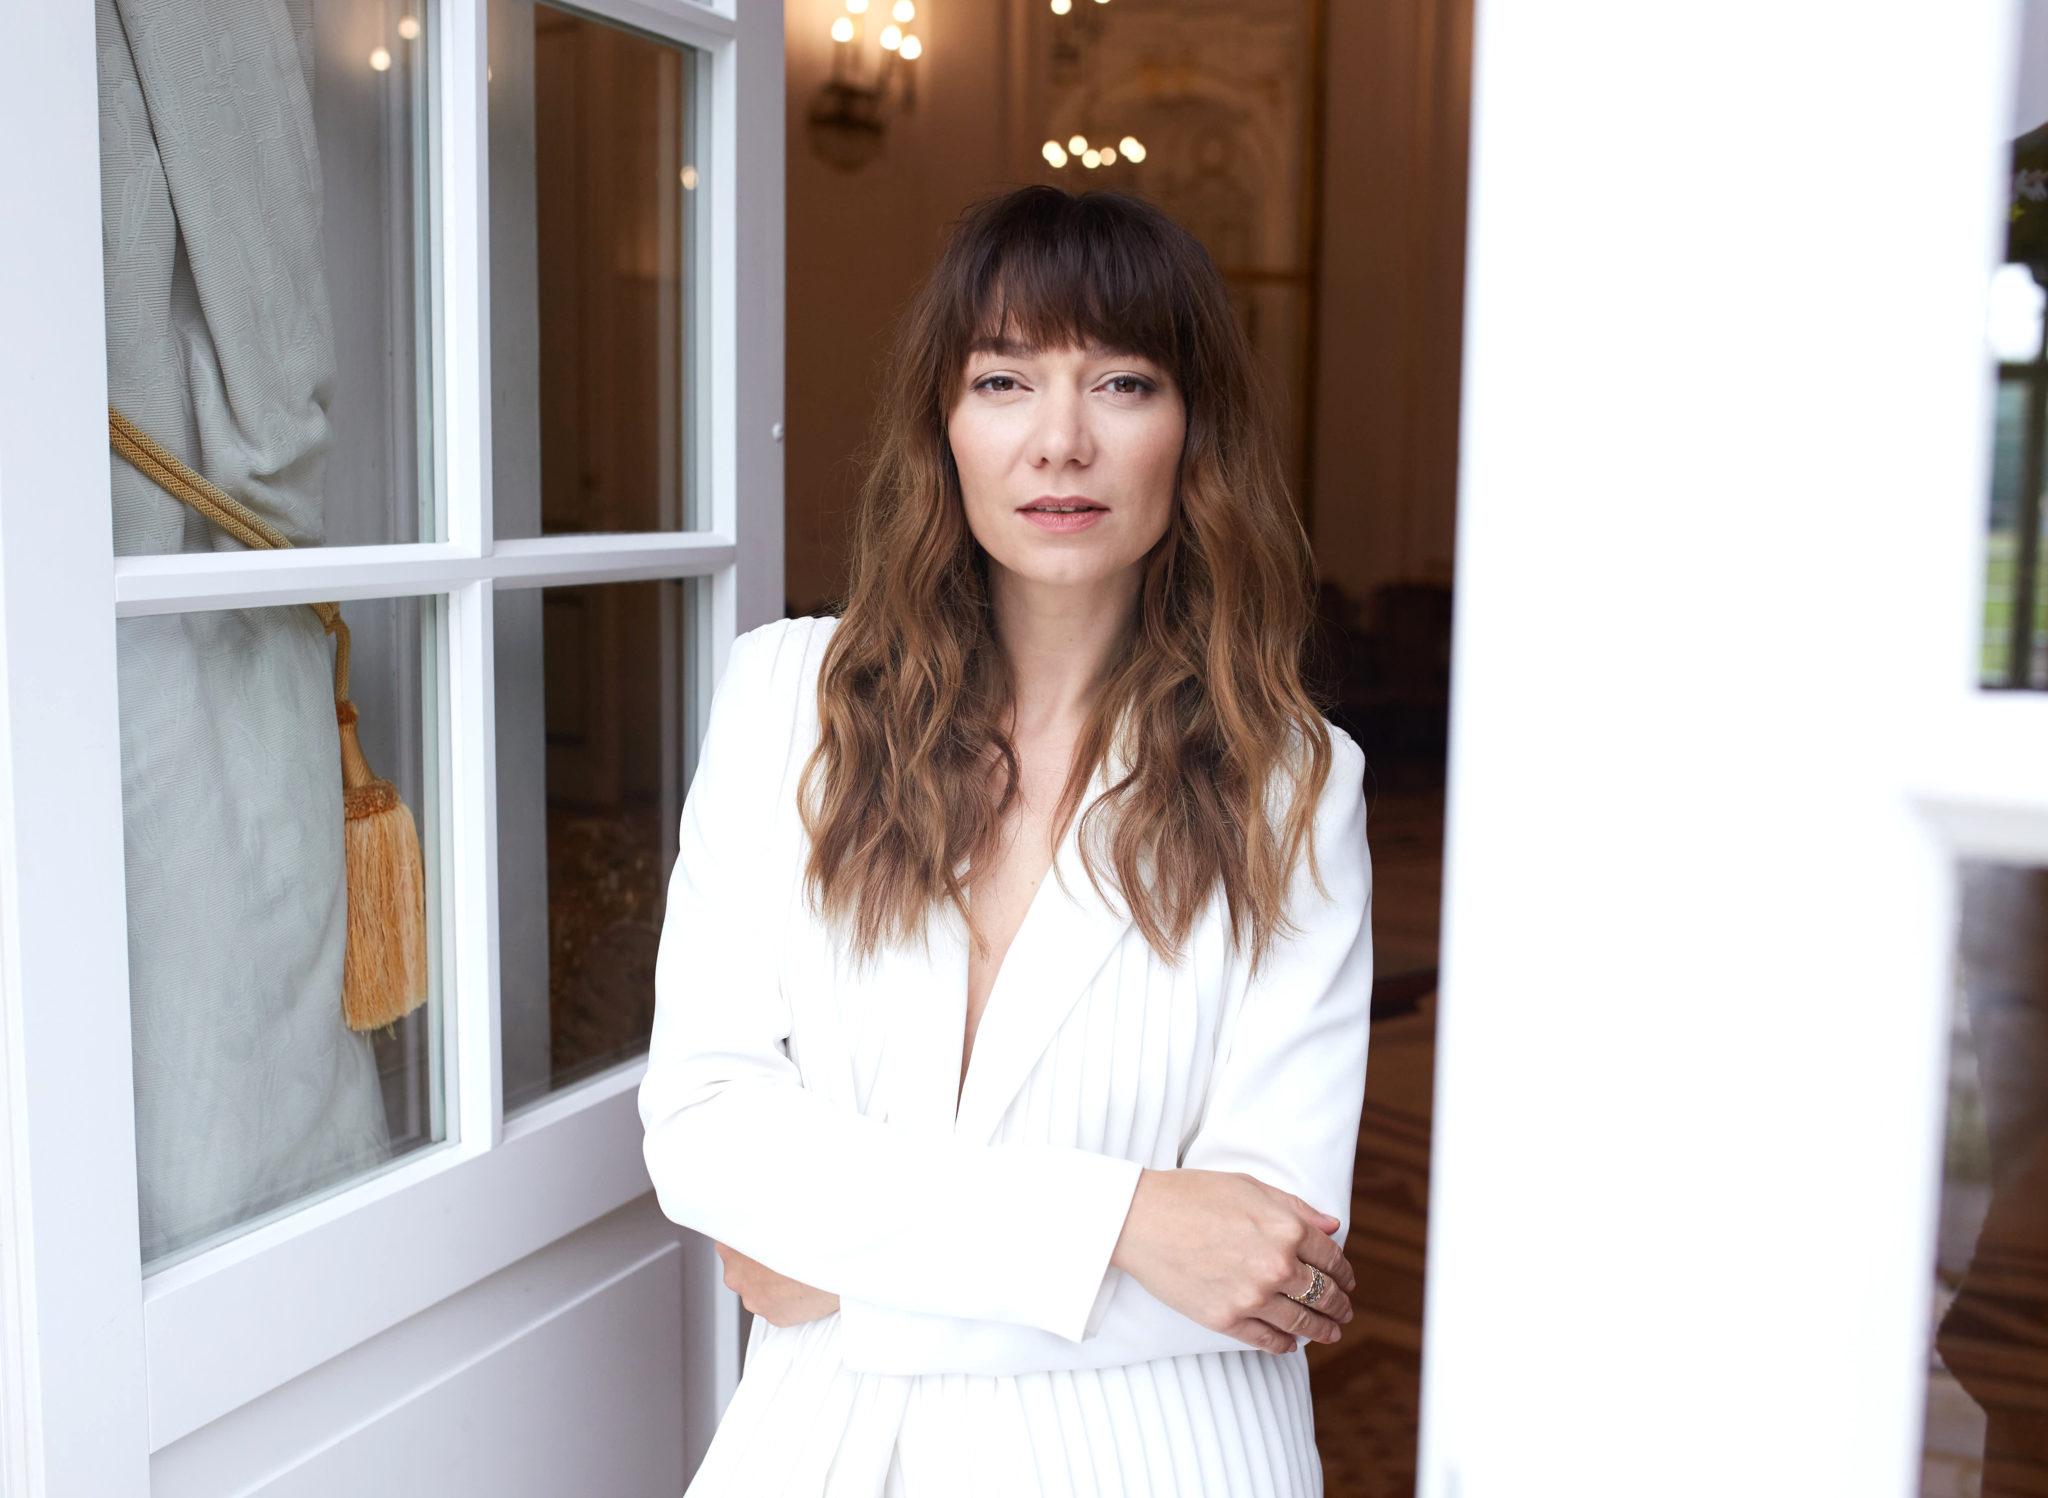 Brunetka ubrana w biala marynarke stoi w bialych drzwiach delikatnie oparta o framuge trzym sie za lokcie